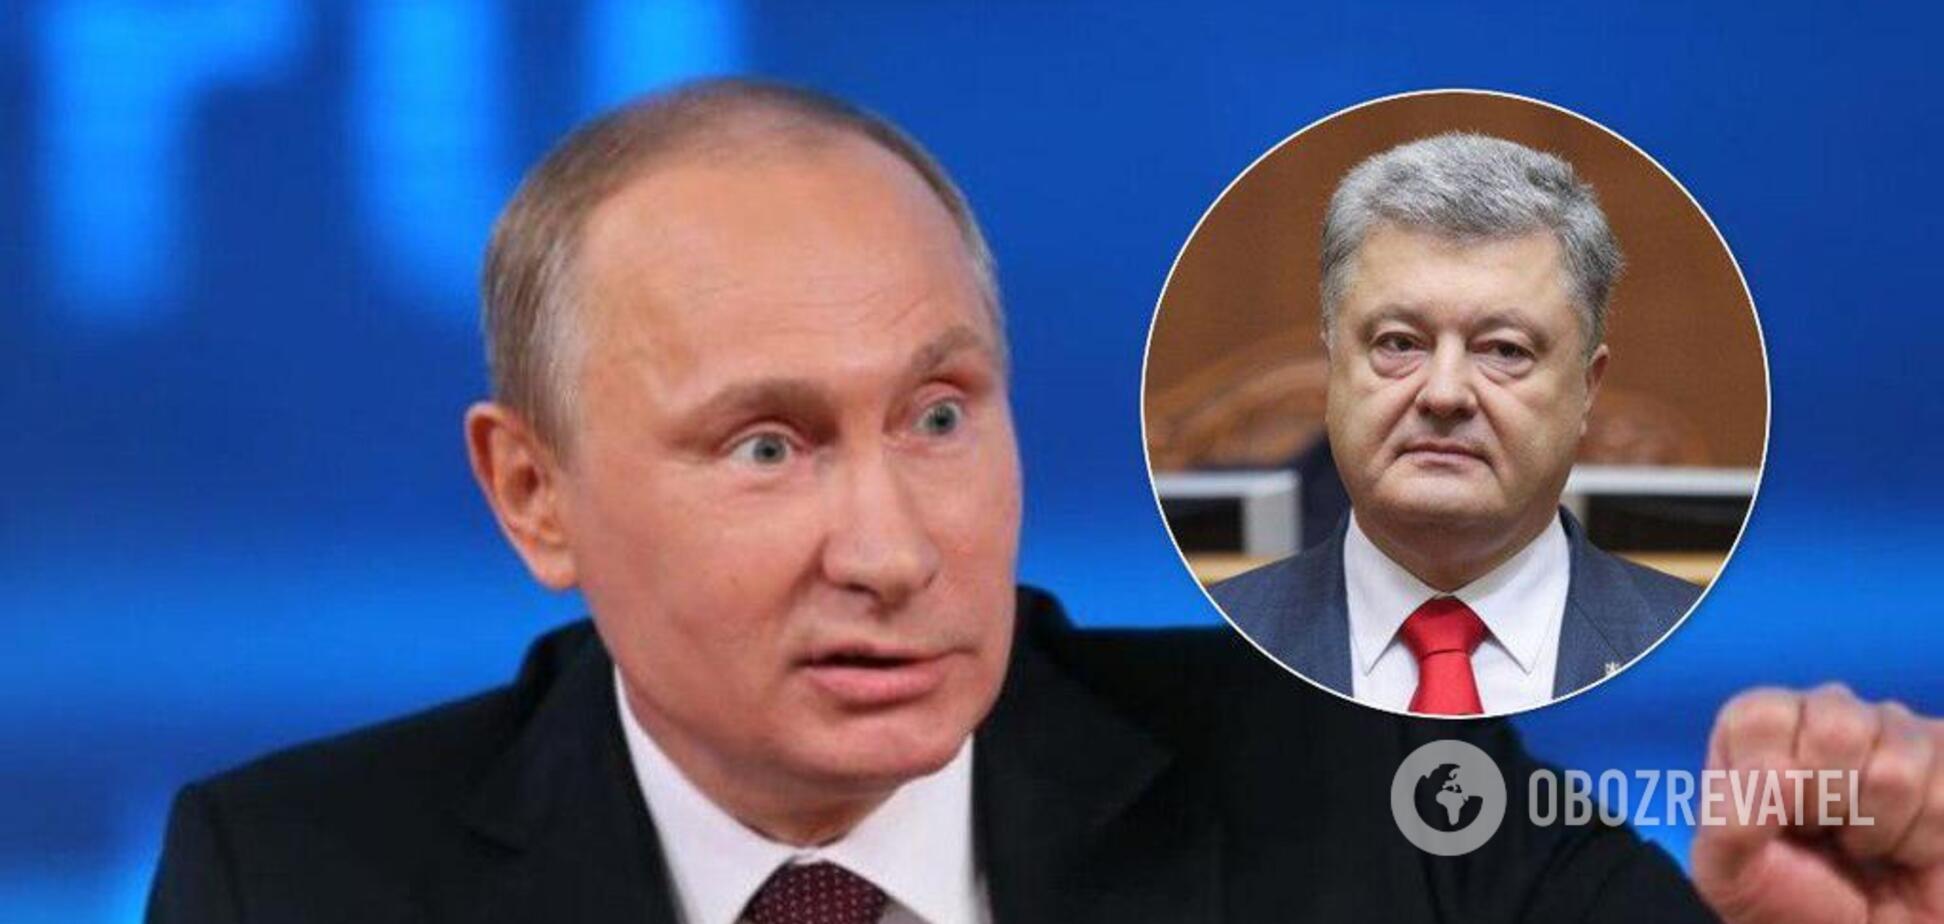 Переговори з Порошенком щодо Донбасу: Путін зробив заяву